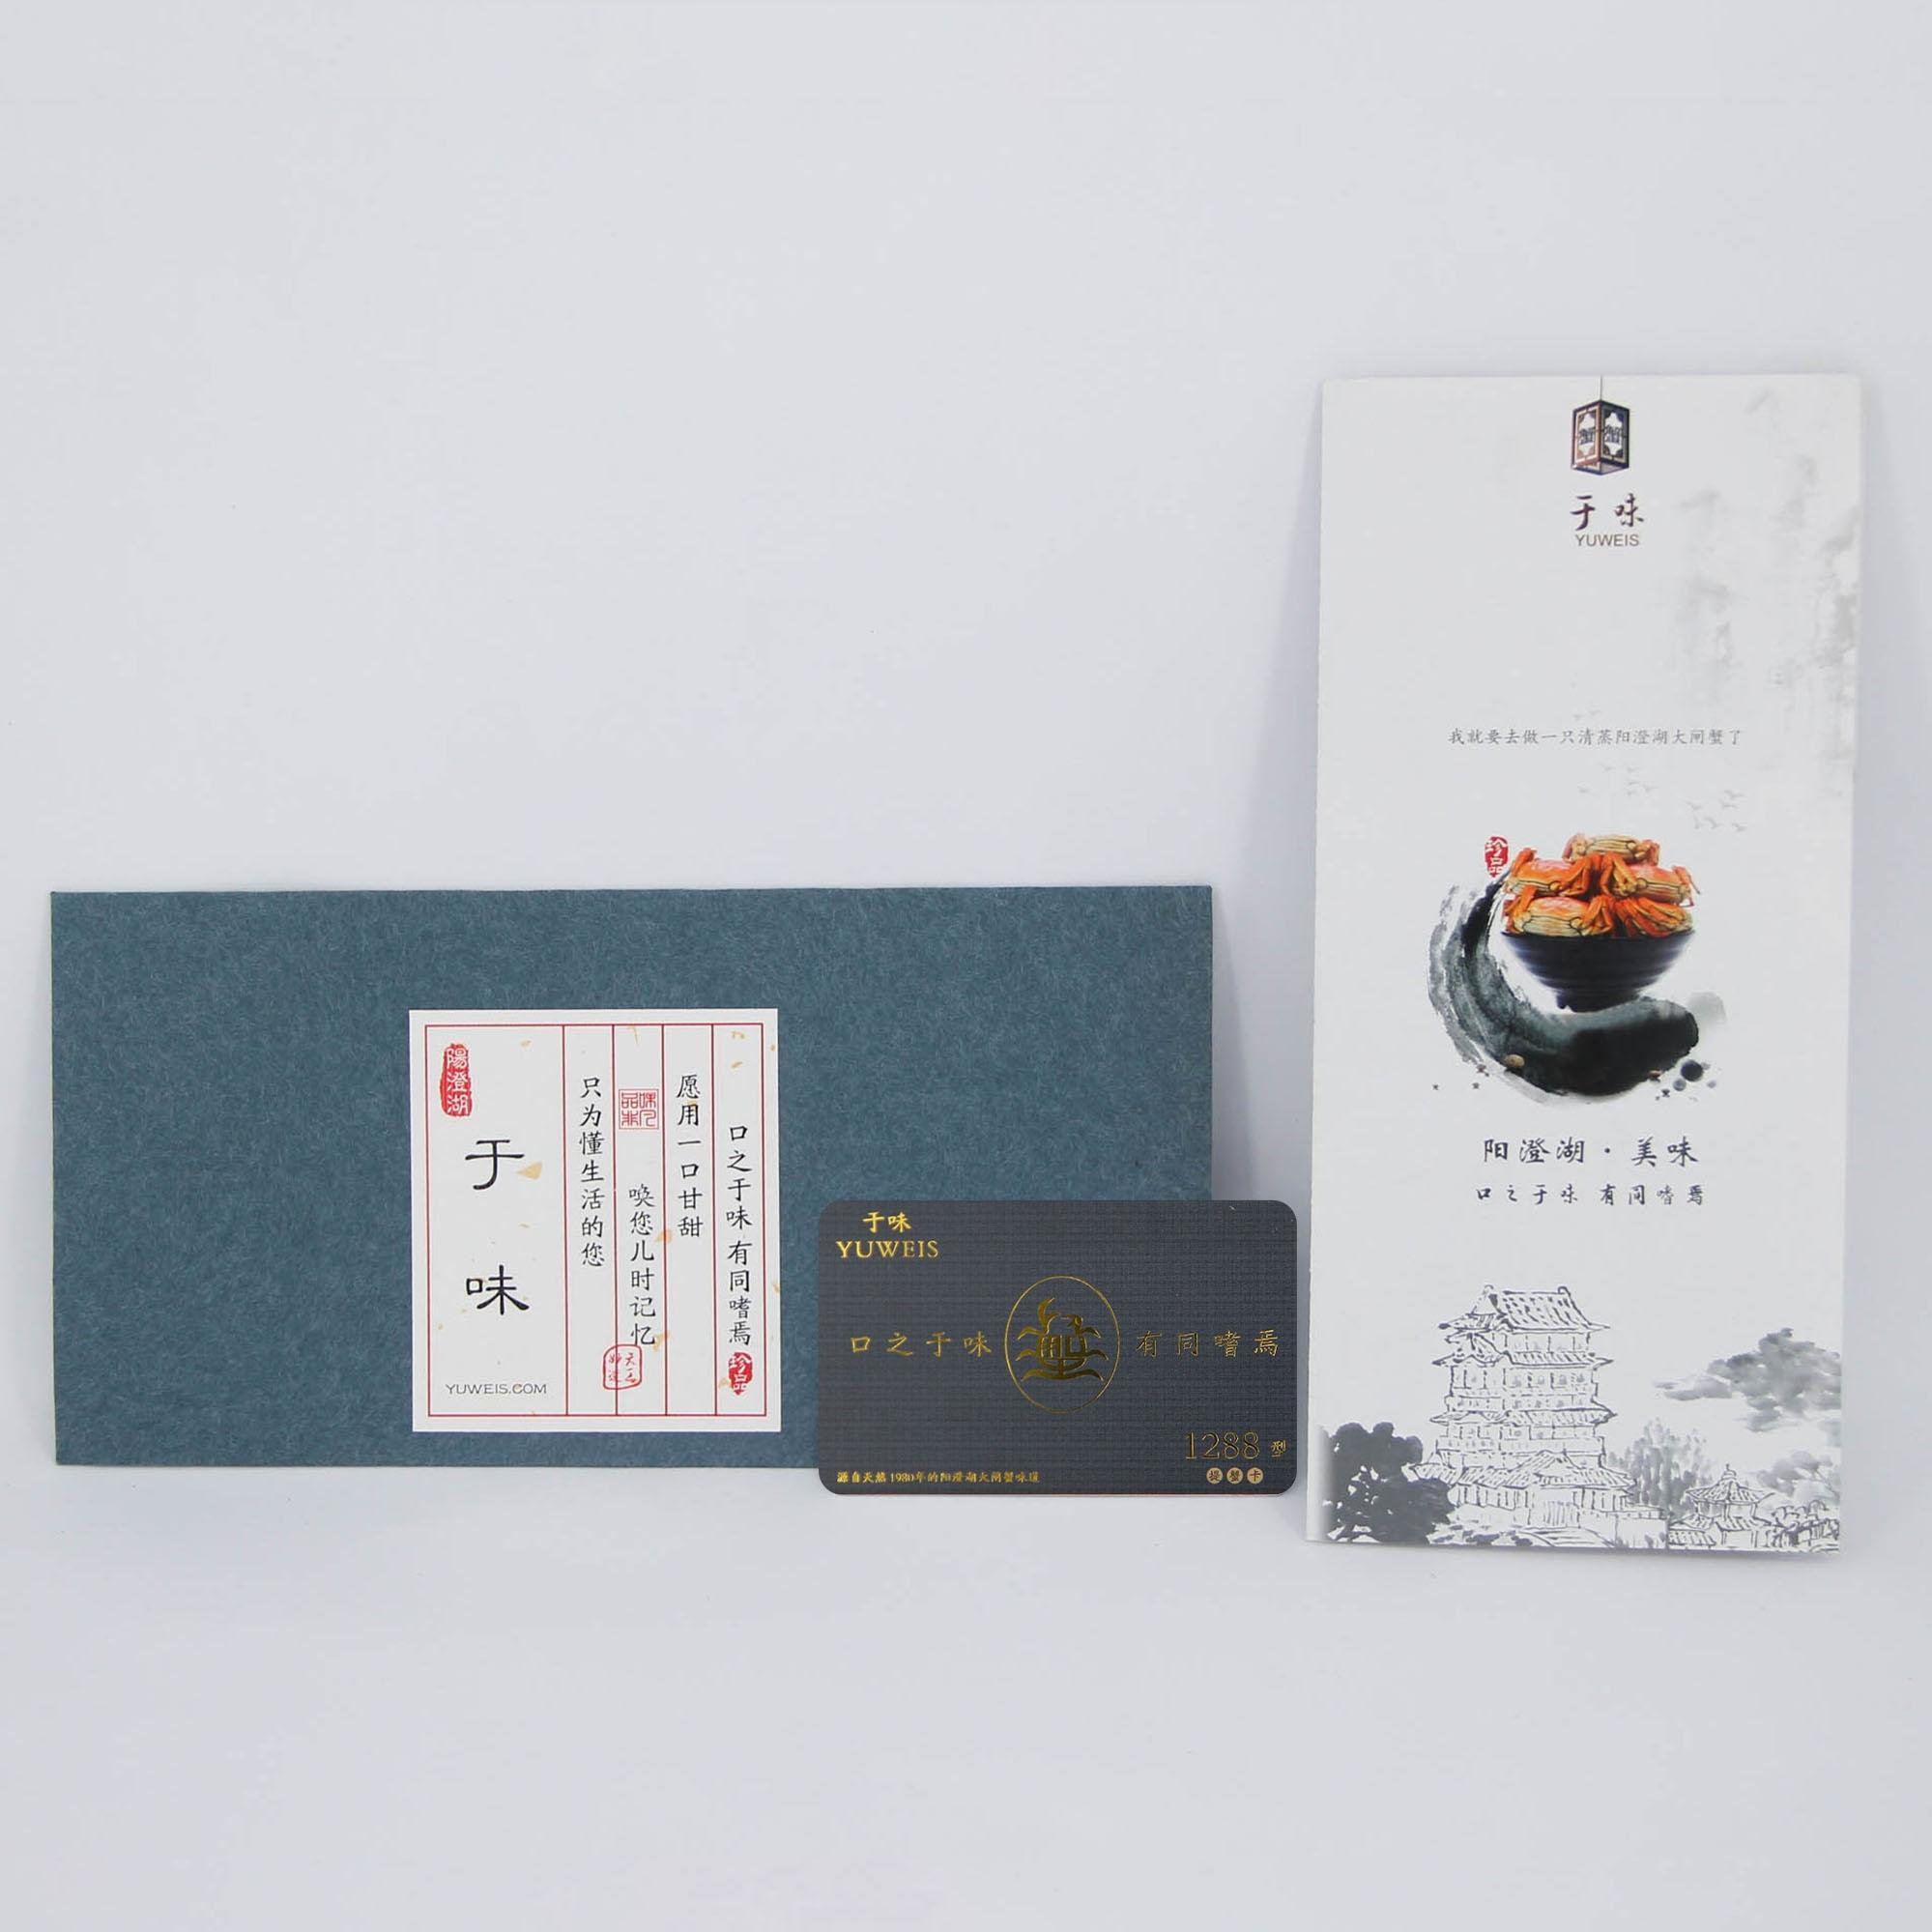 阳澄湖大闸蟹 1288型(4.1-4.4公*4只,3.1-3.3母*4只)提货卡 精品系列豪华礼盒装